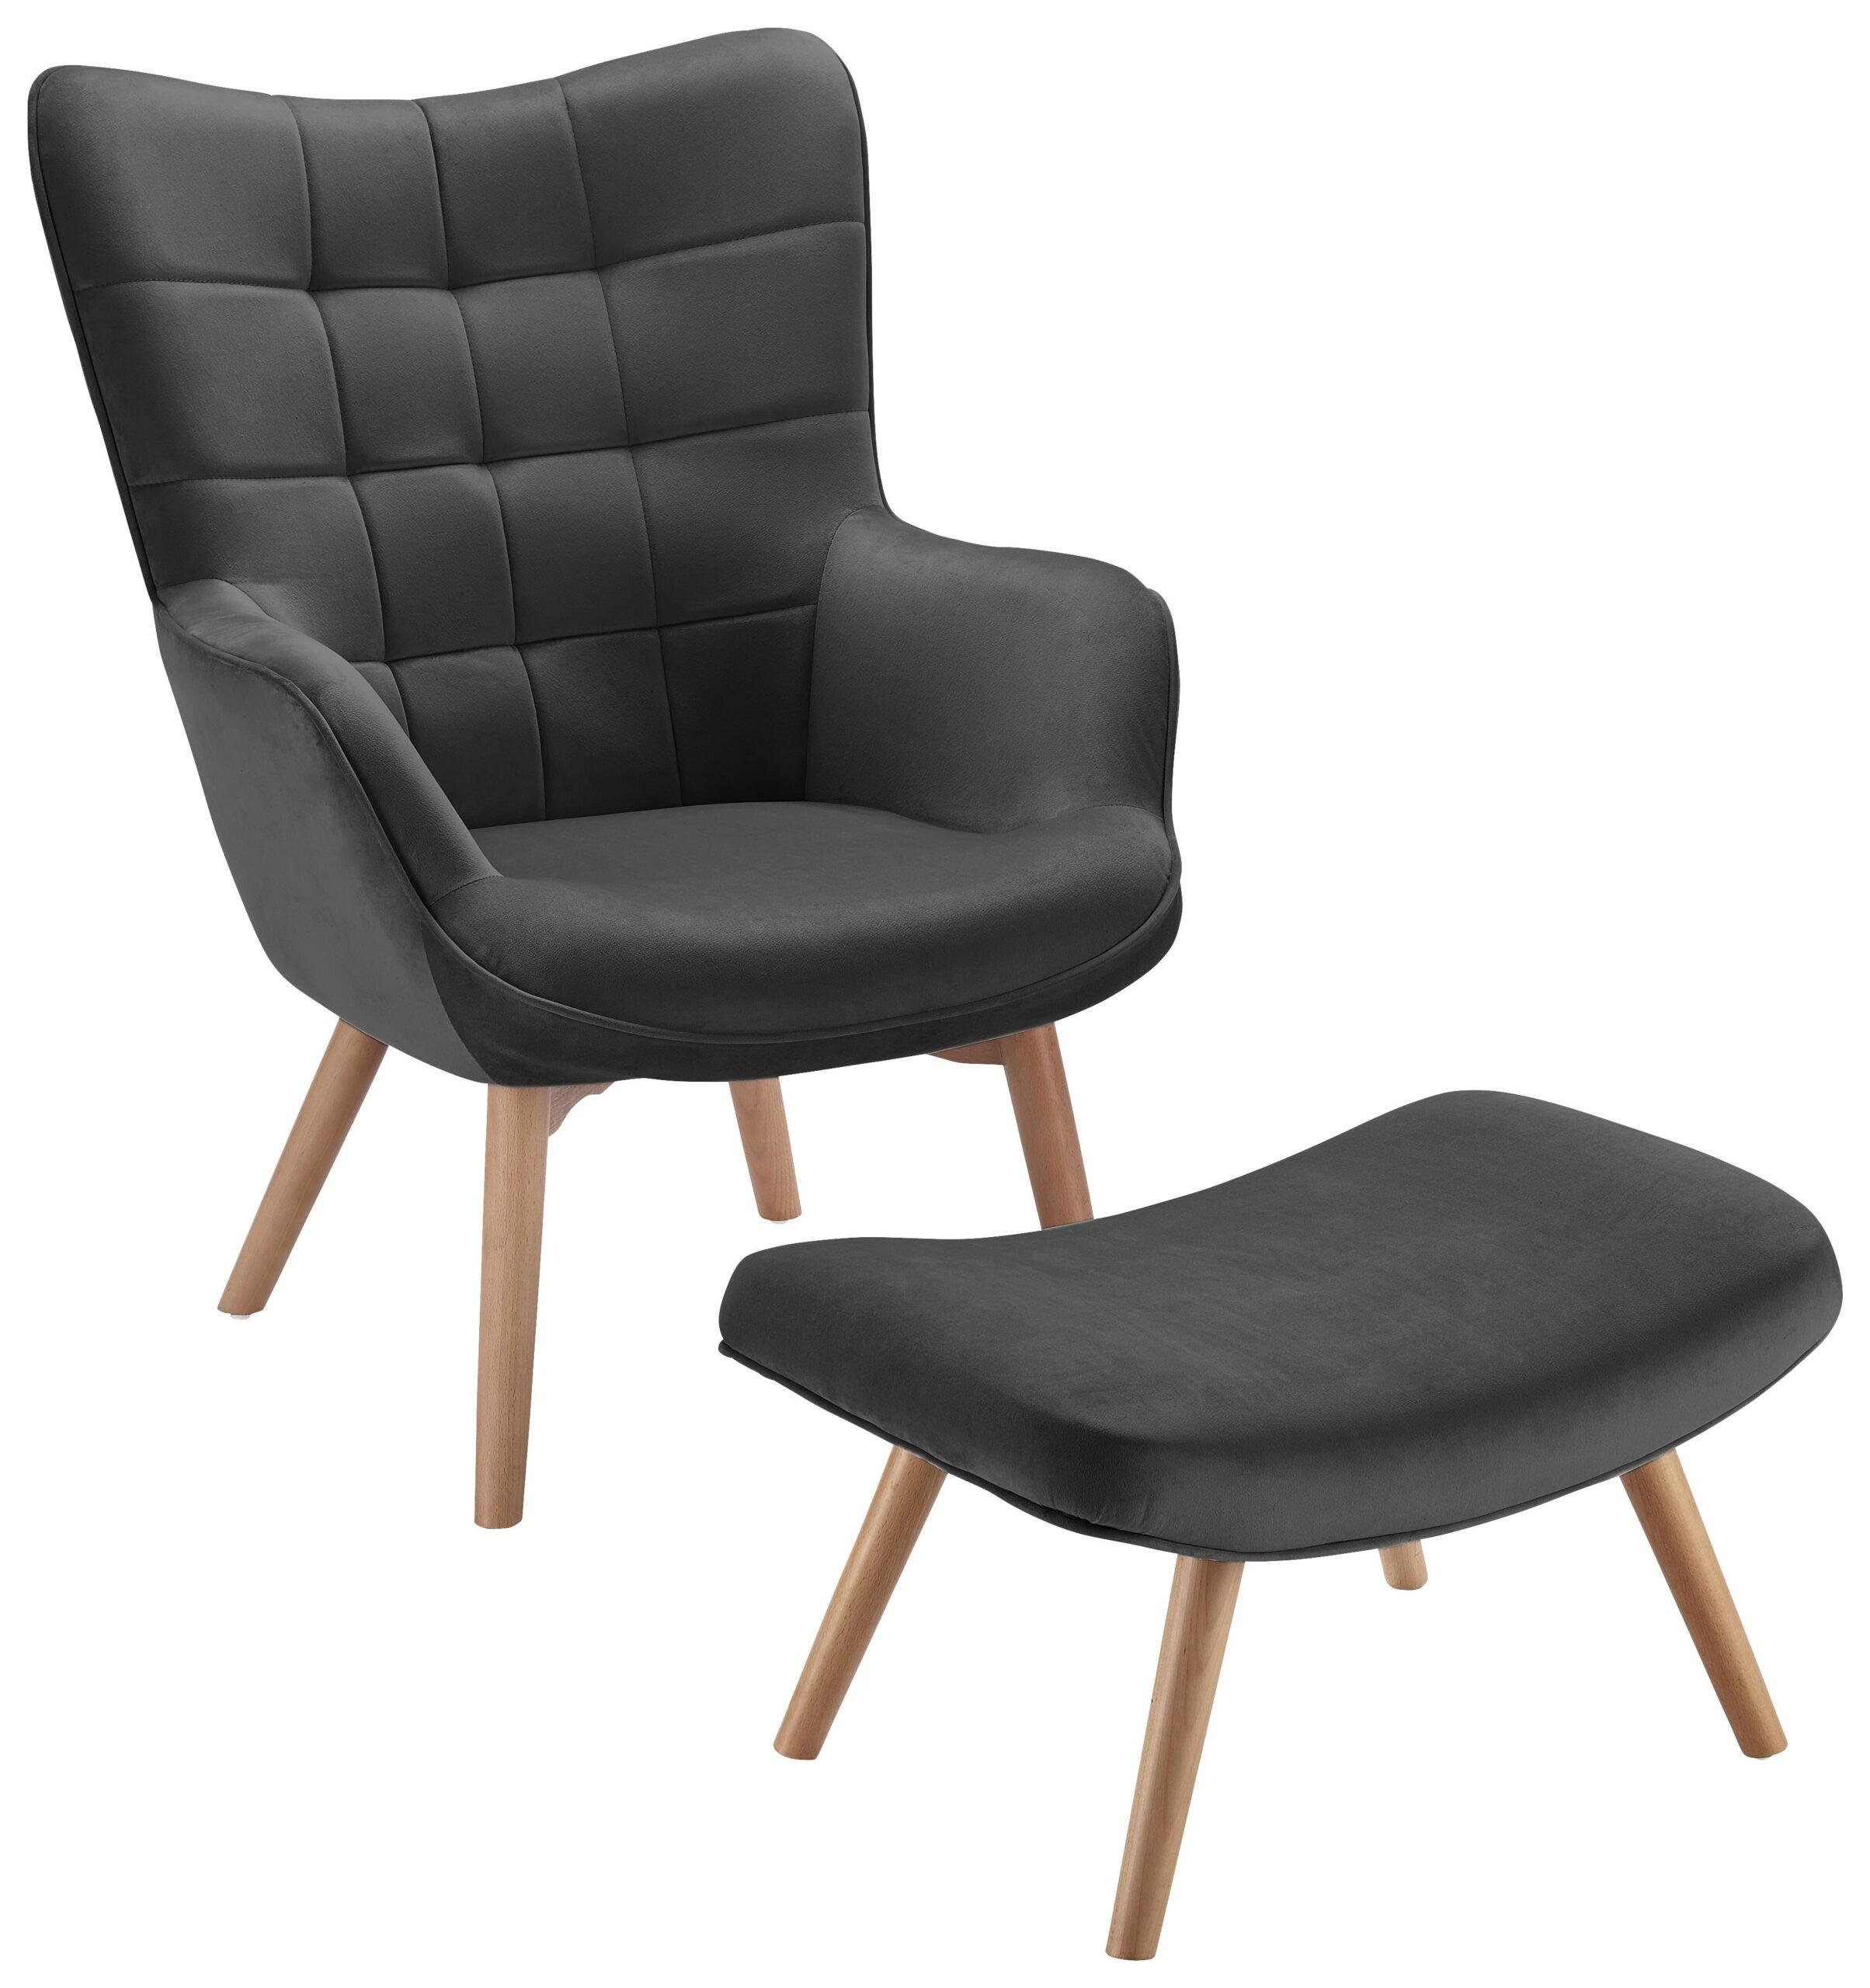 Full Size of Liegesessel Verstellbar Elektrisch Verstellbare Ikea Garten Liegestuhl Relaxsessel Jetzt Entdecken Mmax Sofa Mit Verstellbarer Sitztiefe Wohnzimmer Liegesessel Verstellbar